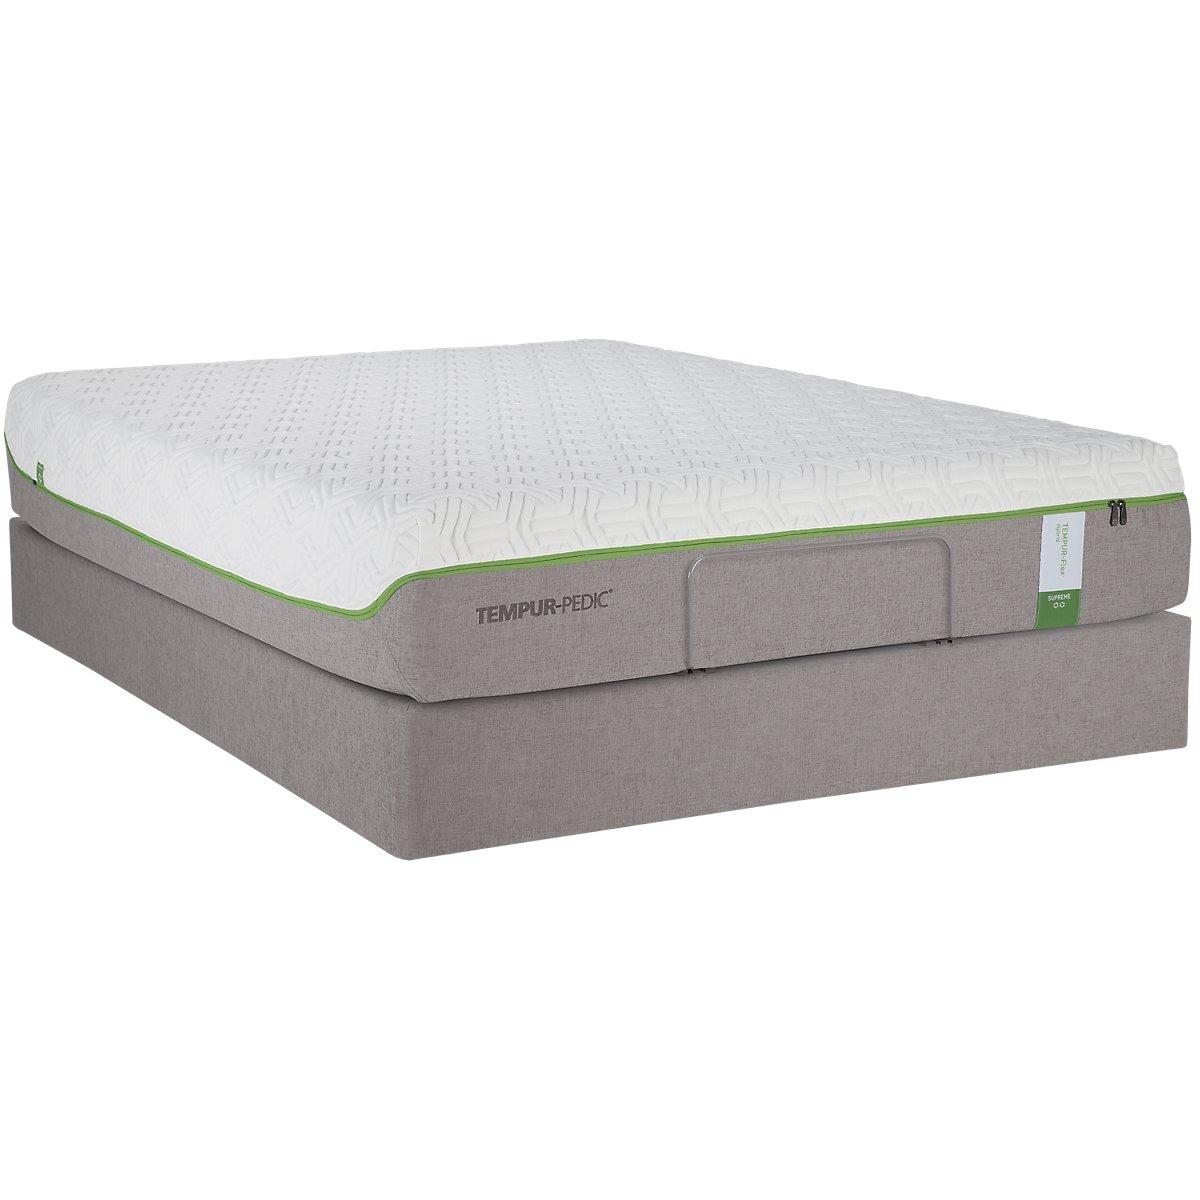 Adjustable Beds With Financing : City furniture flex supreme tempur up adjustable